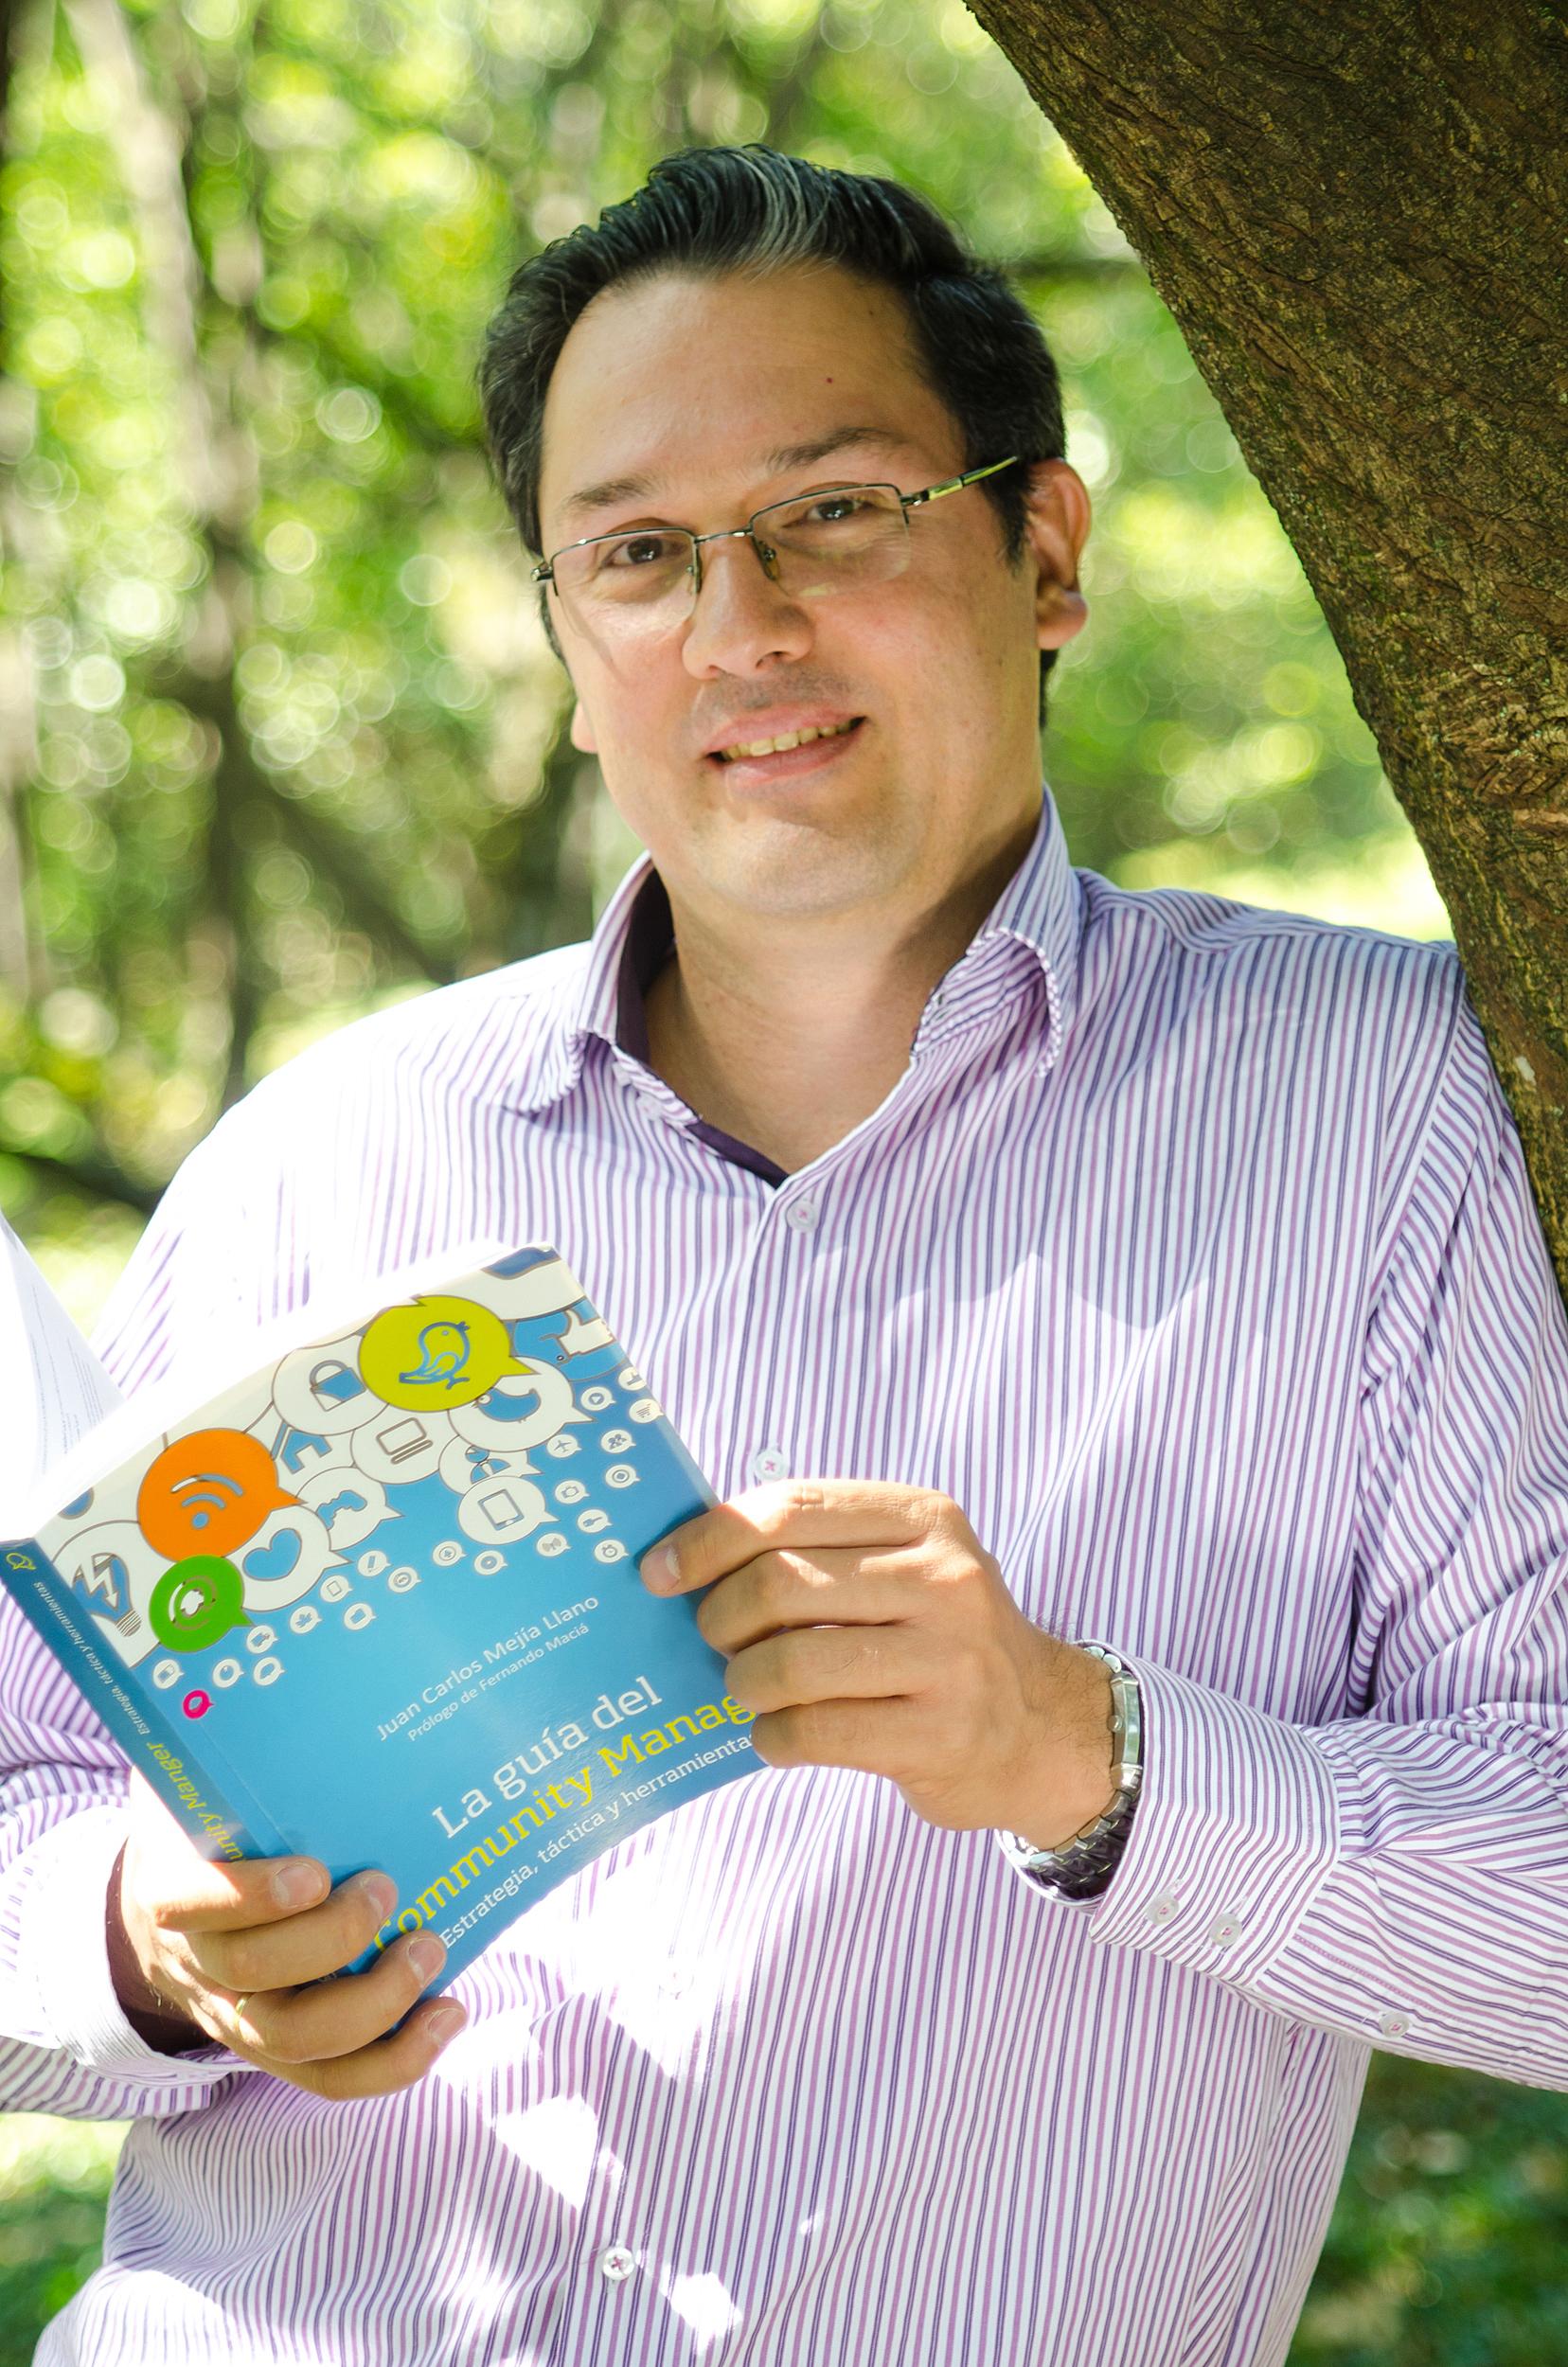 Hablando de mi vida y mi libro La guía del Community Manager en la revista La Riviera - Foto de Camara Lucida